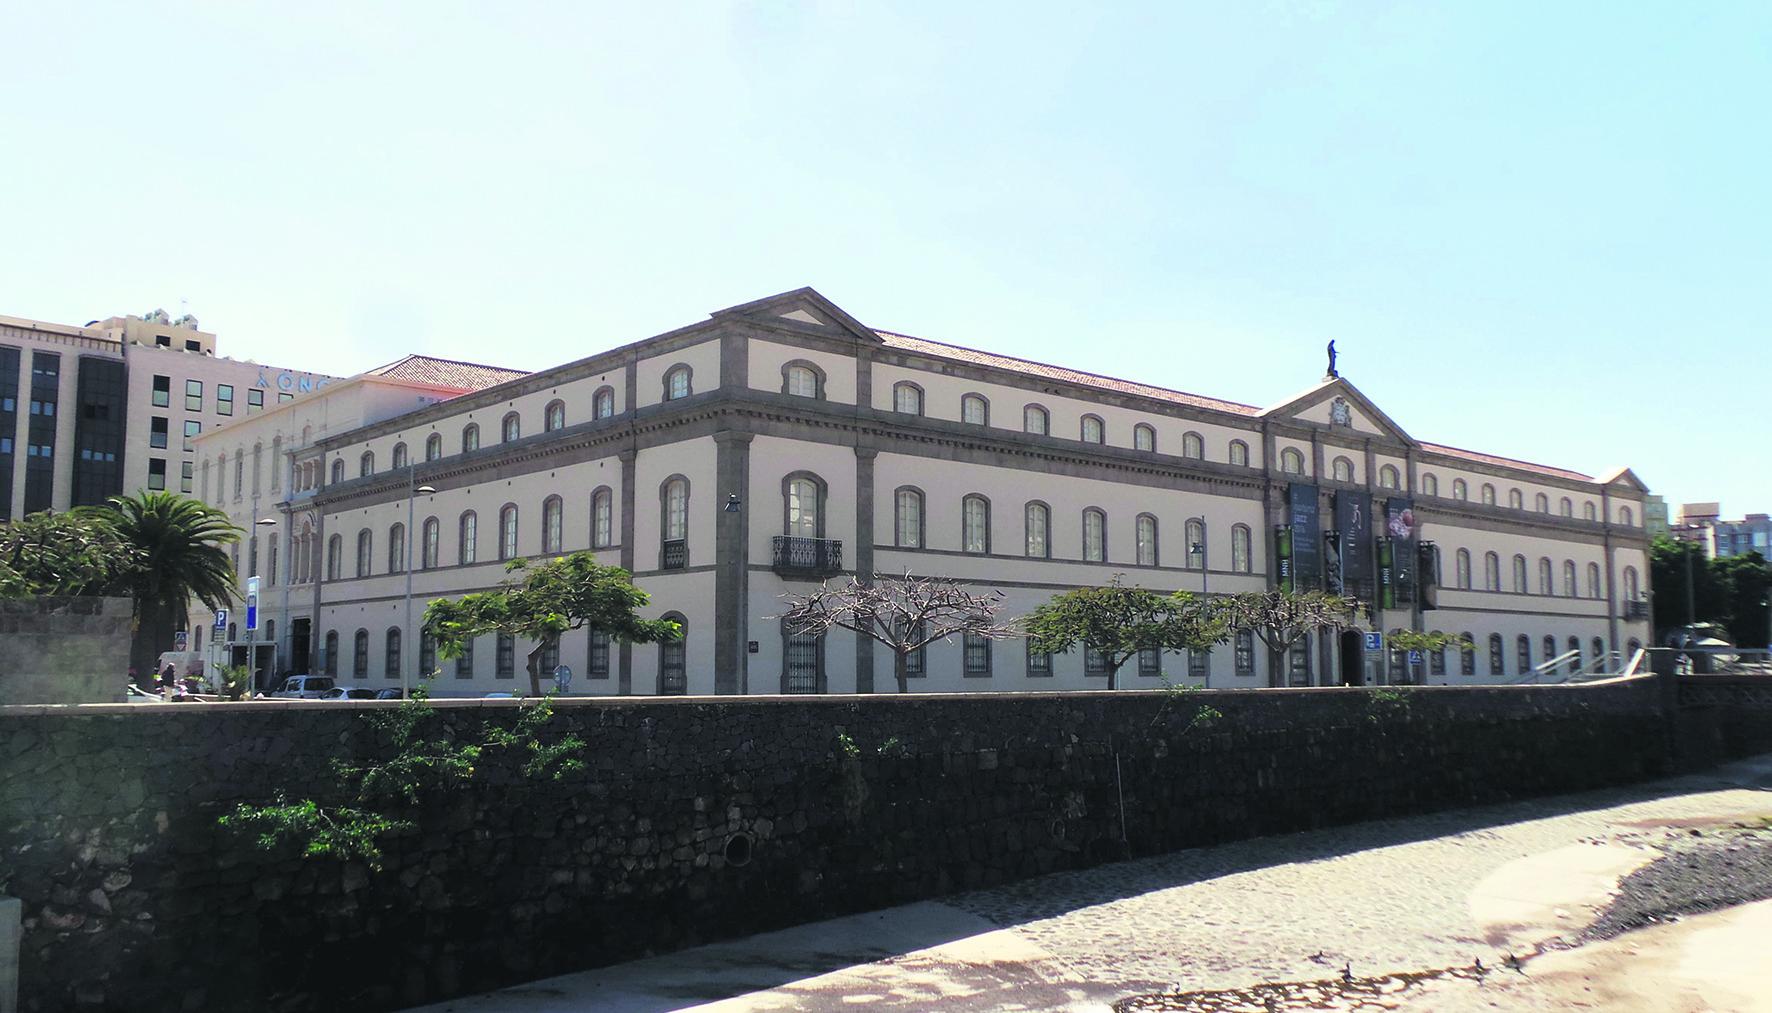 Das MUNA ist eines der Inselmuseen, die ab dem 13. Mai mit Einschränkungen wieder öffnen wird. Foto: Moisés Pérez